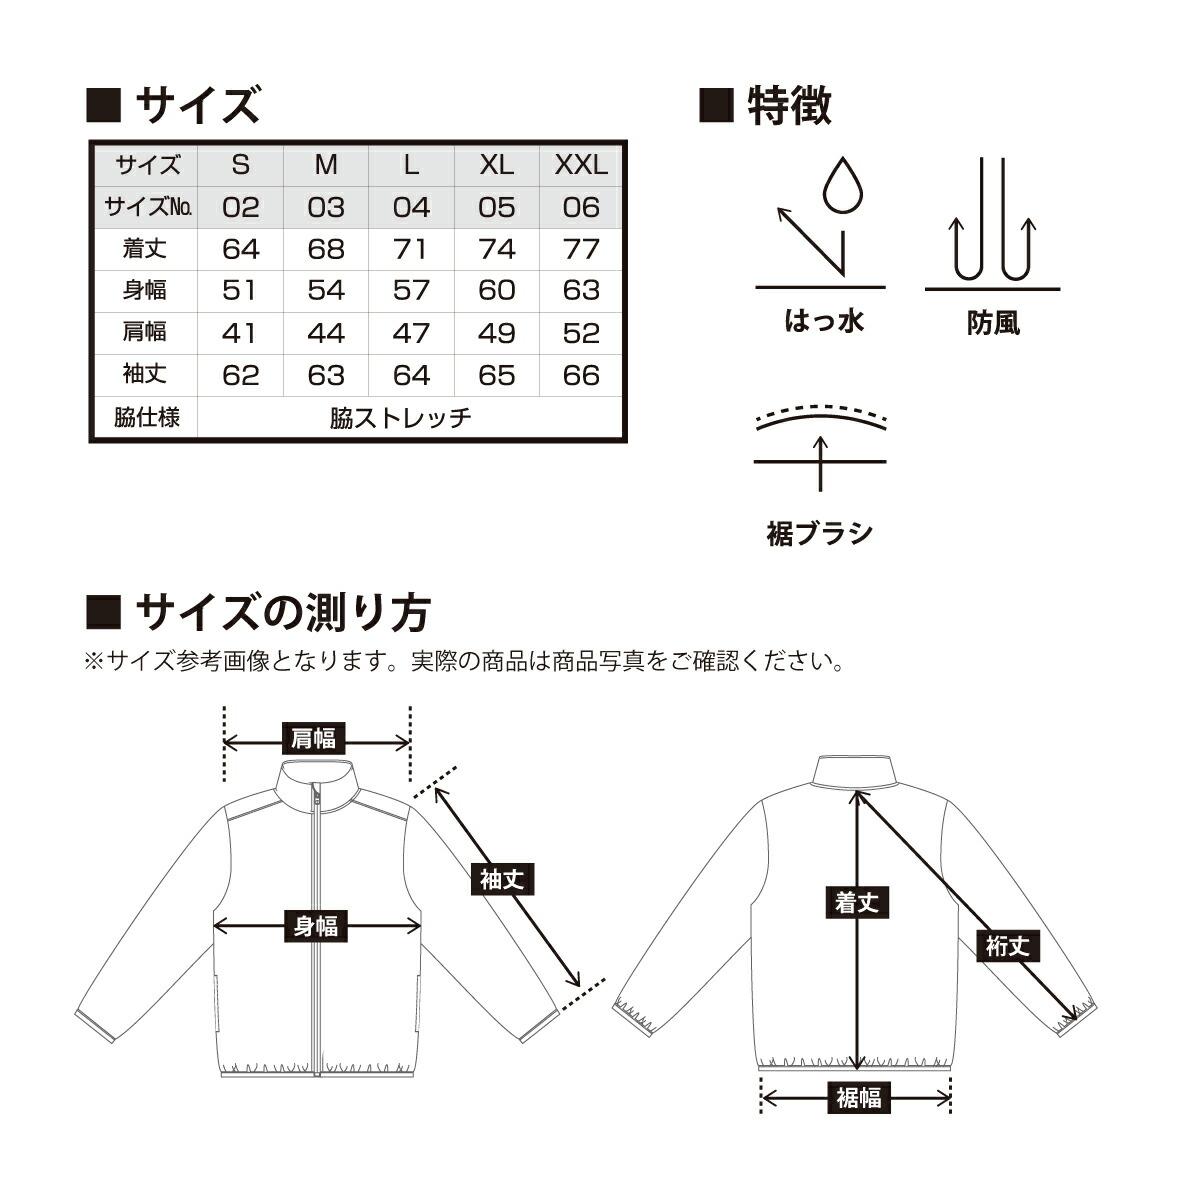 マイクロリップストップ スタンドジャケット(裏地付)